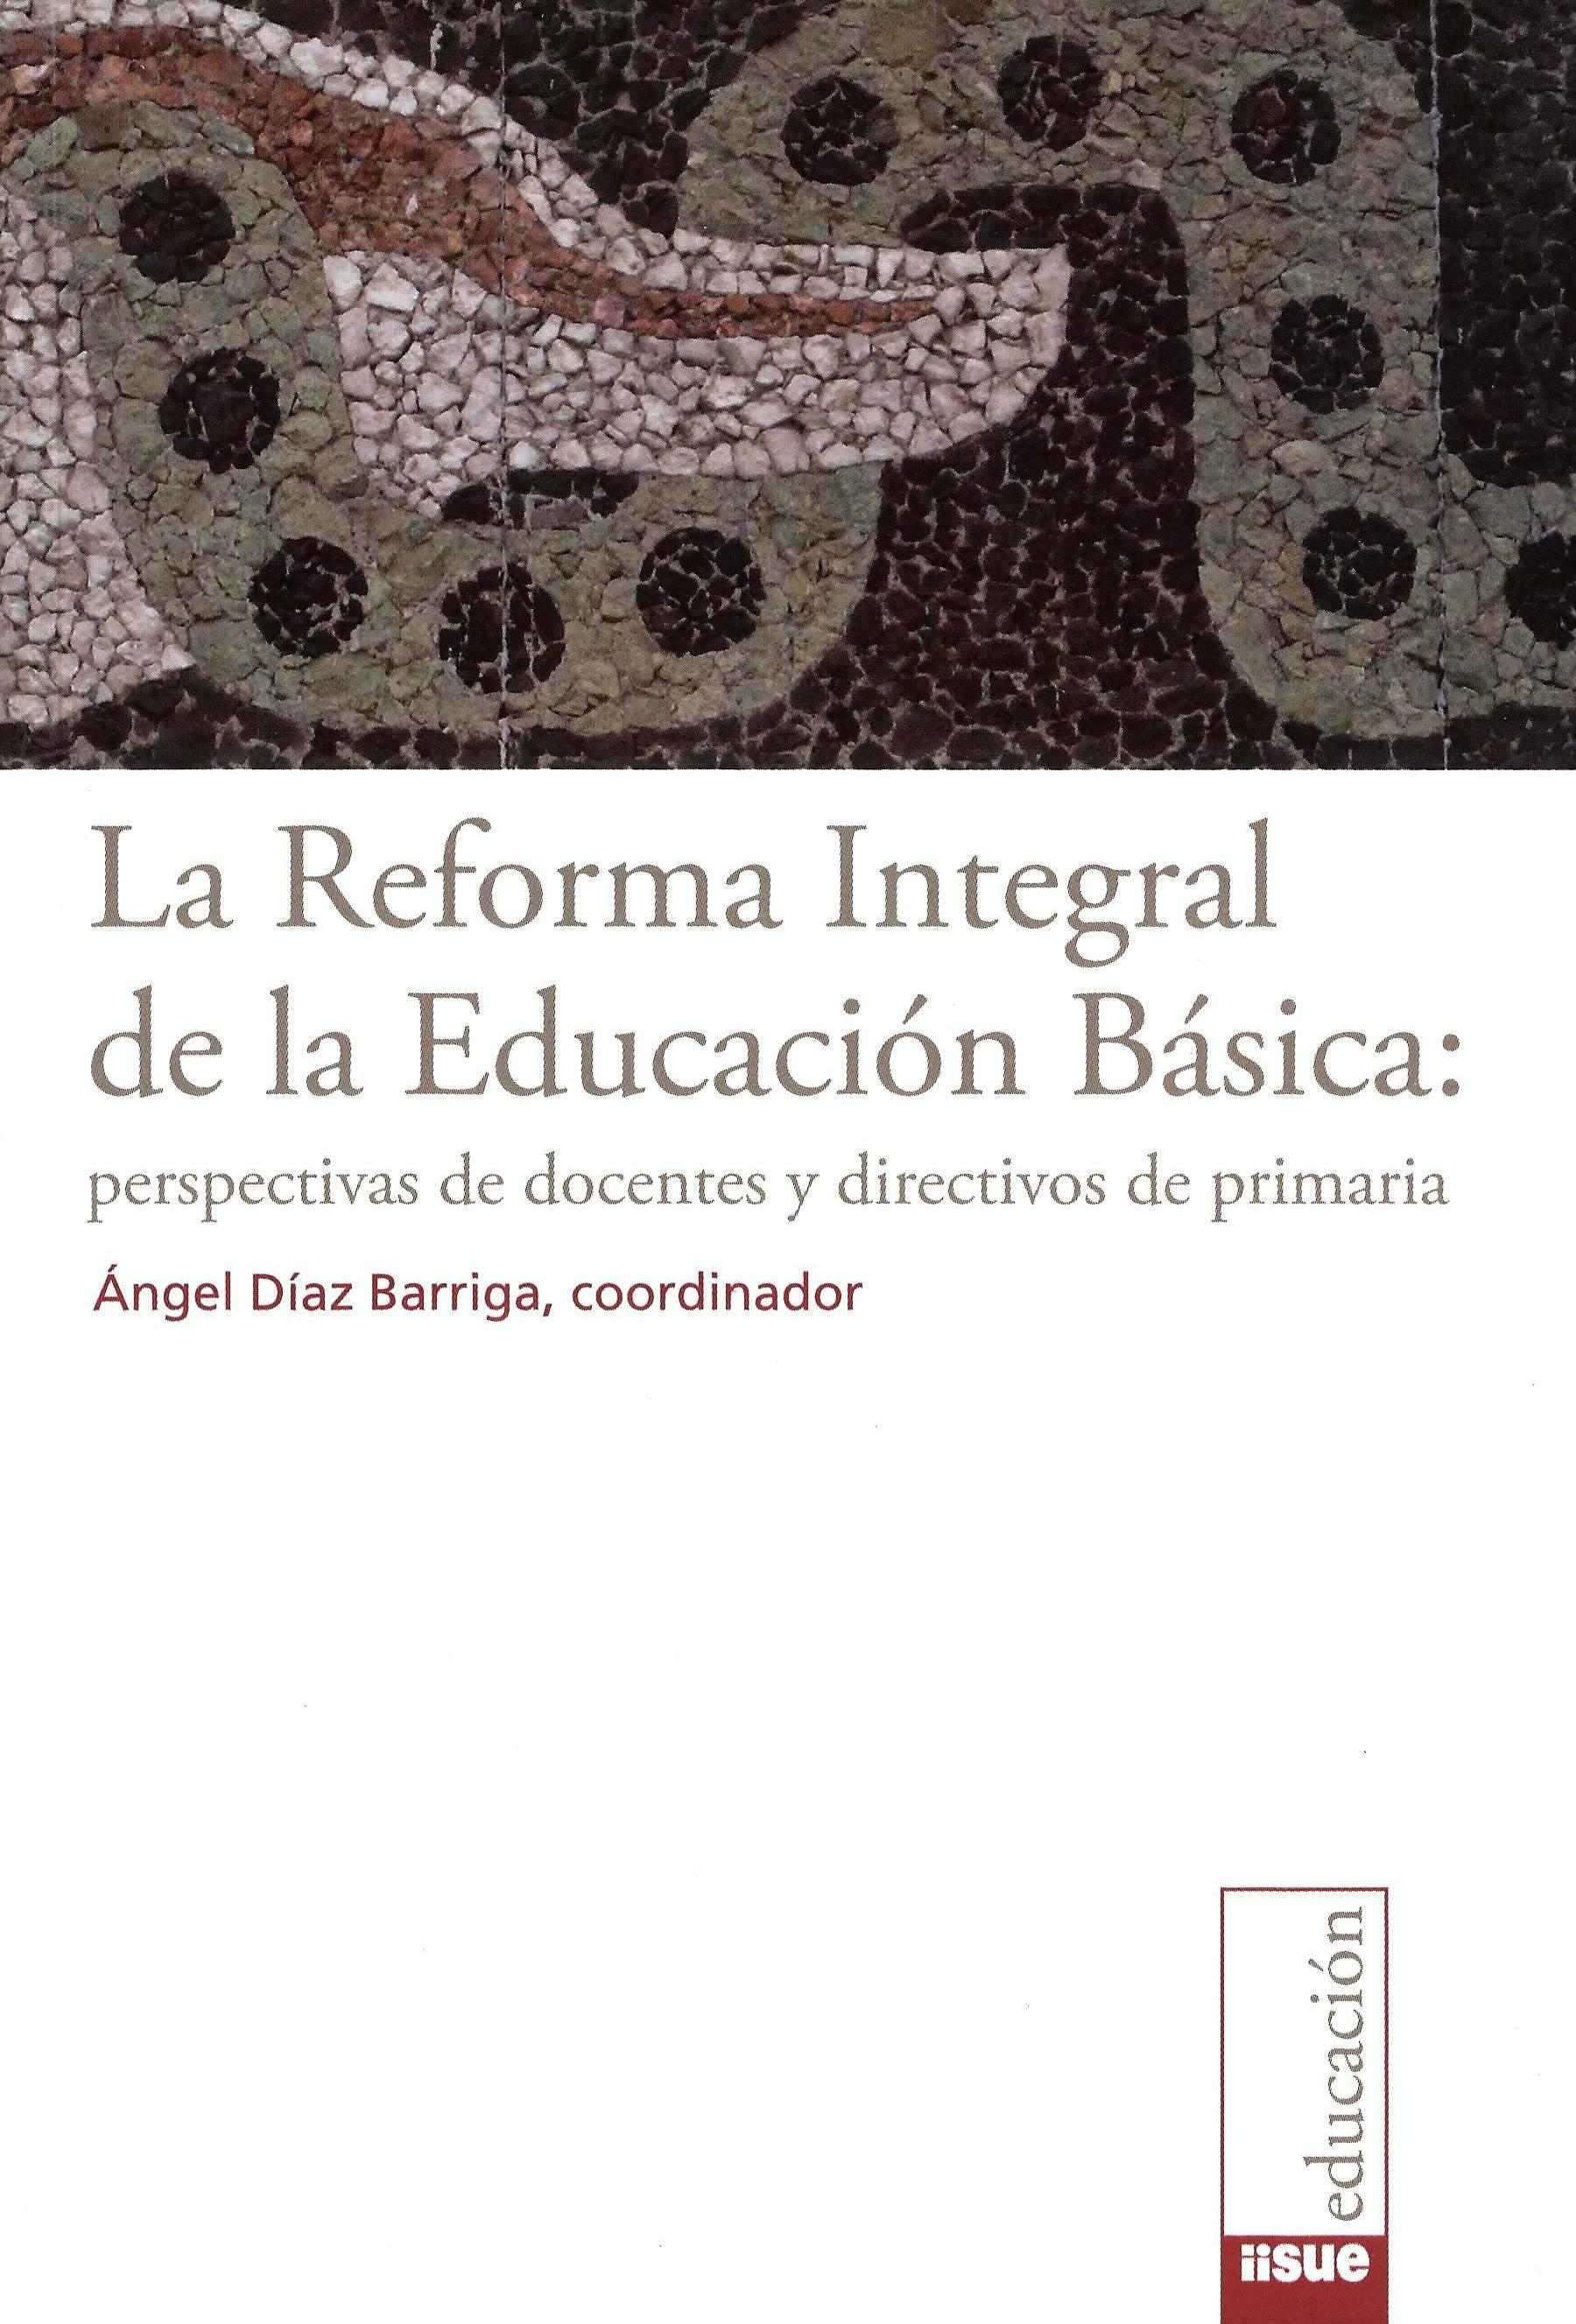 La reforma integral de la educación básica: perspectivas de docentes y directivos de primaria